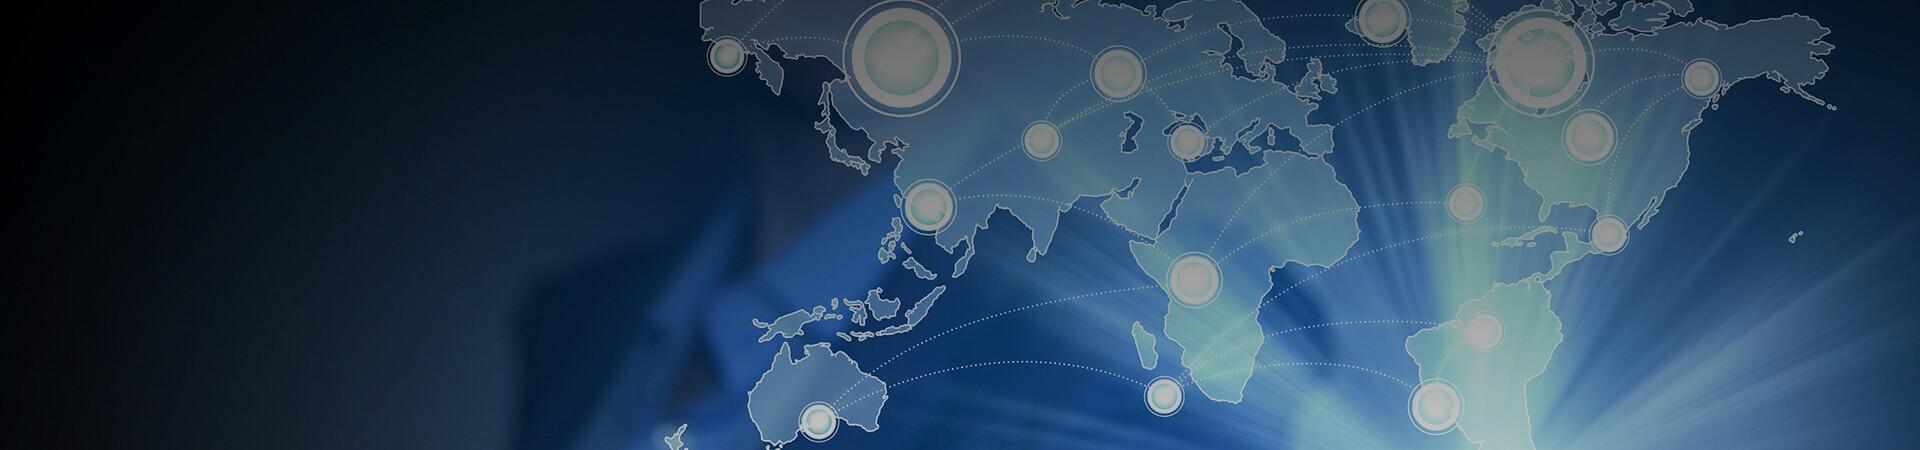 Global Standartlarda Hizmet Veren Yerli Bir Özel Güvenlik Şirketi